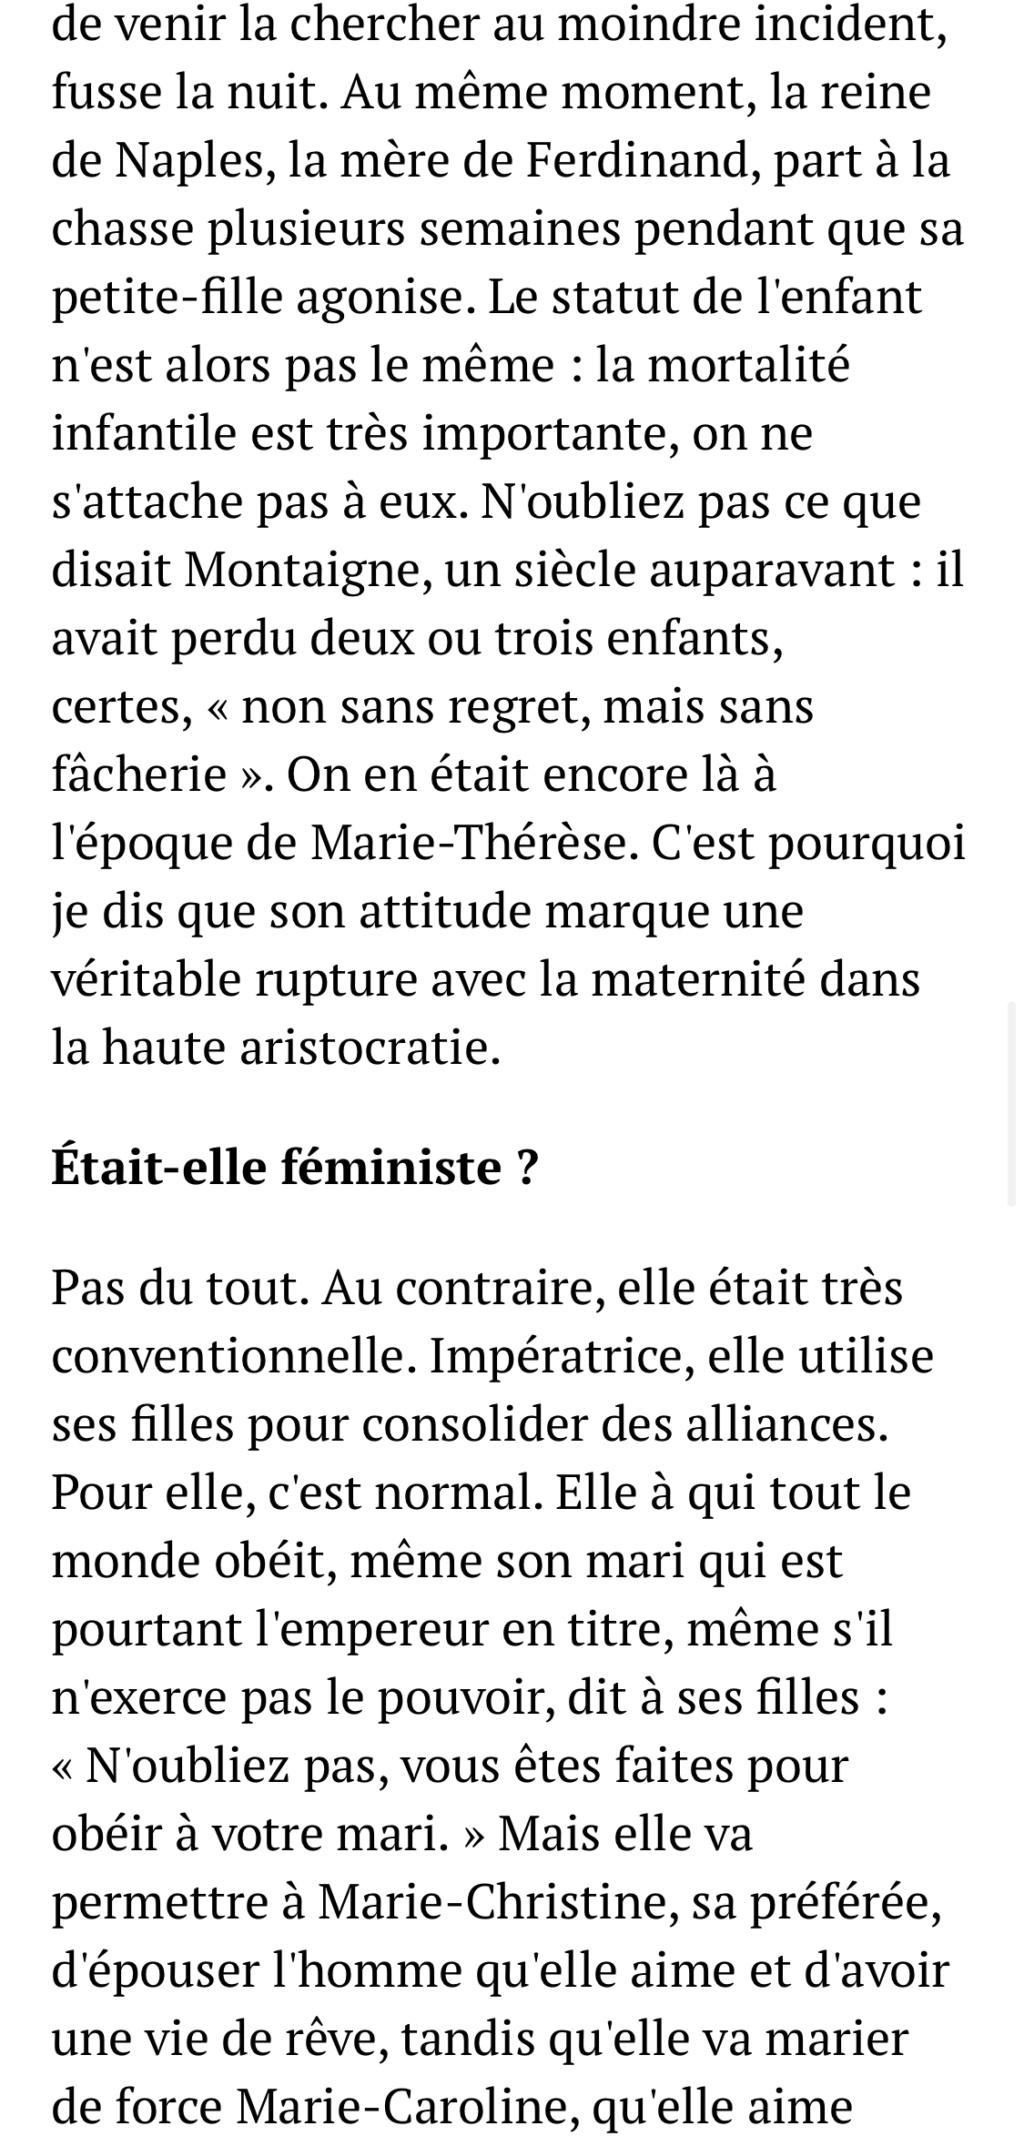 Marie-Thérèse d'Autriche : Le pouvoir au féminin & Les conflits d'une mère. De Elisabeth Badinter - Page 2 2ab86710